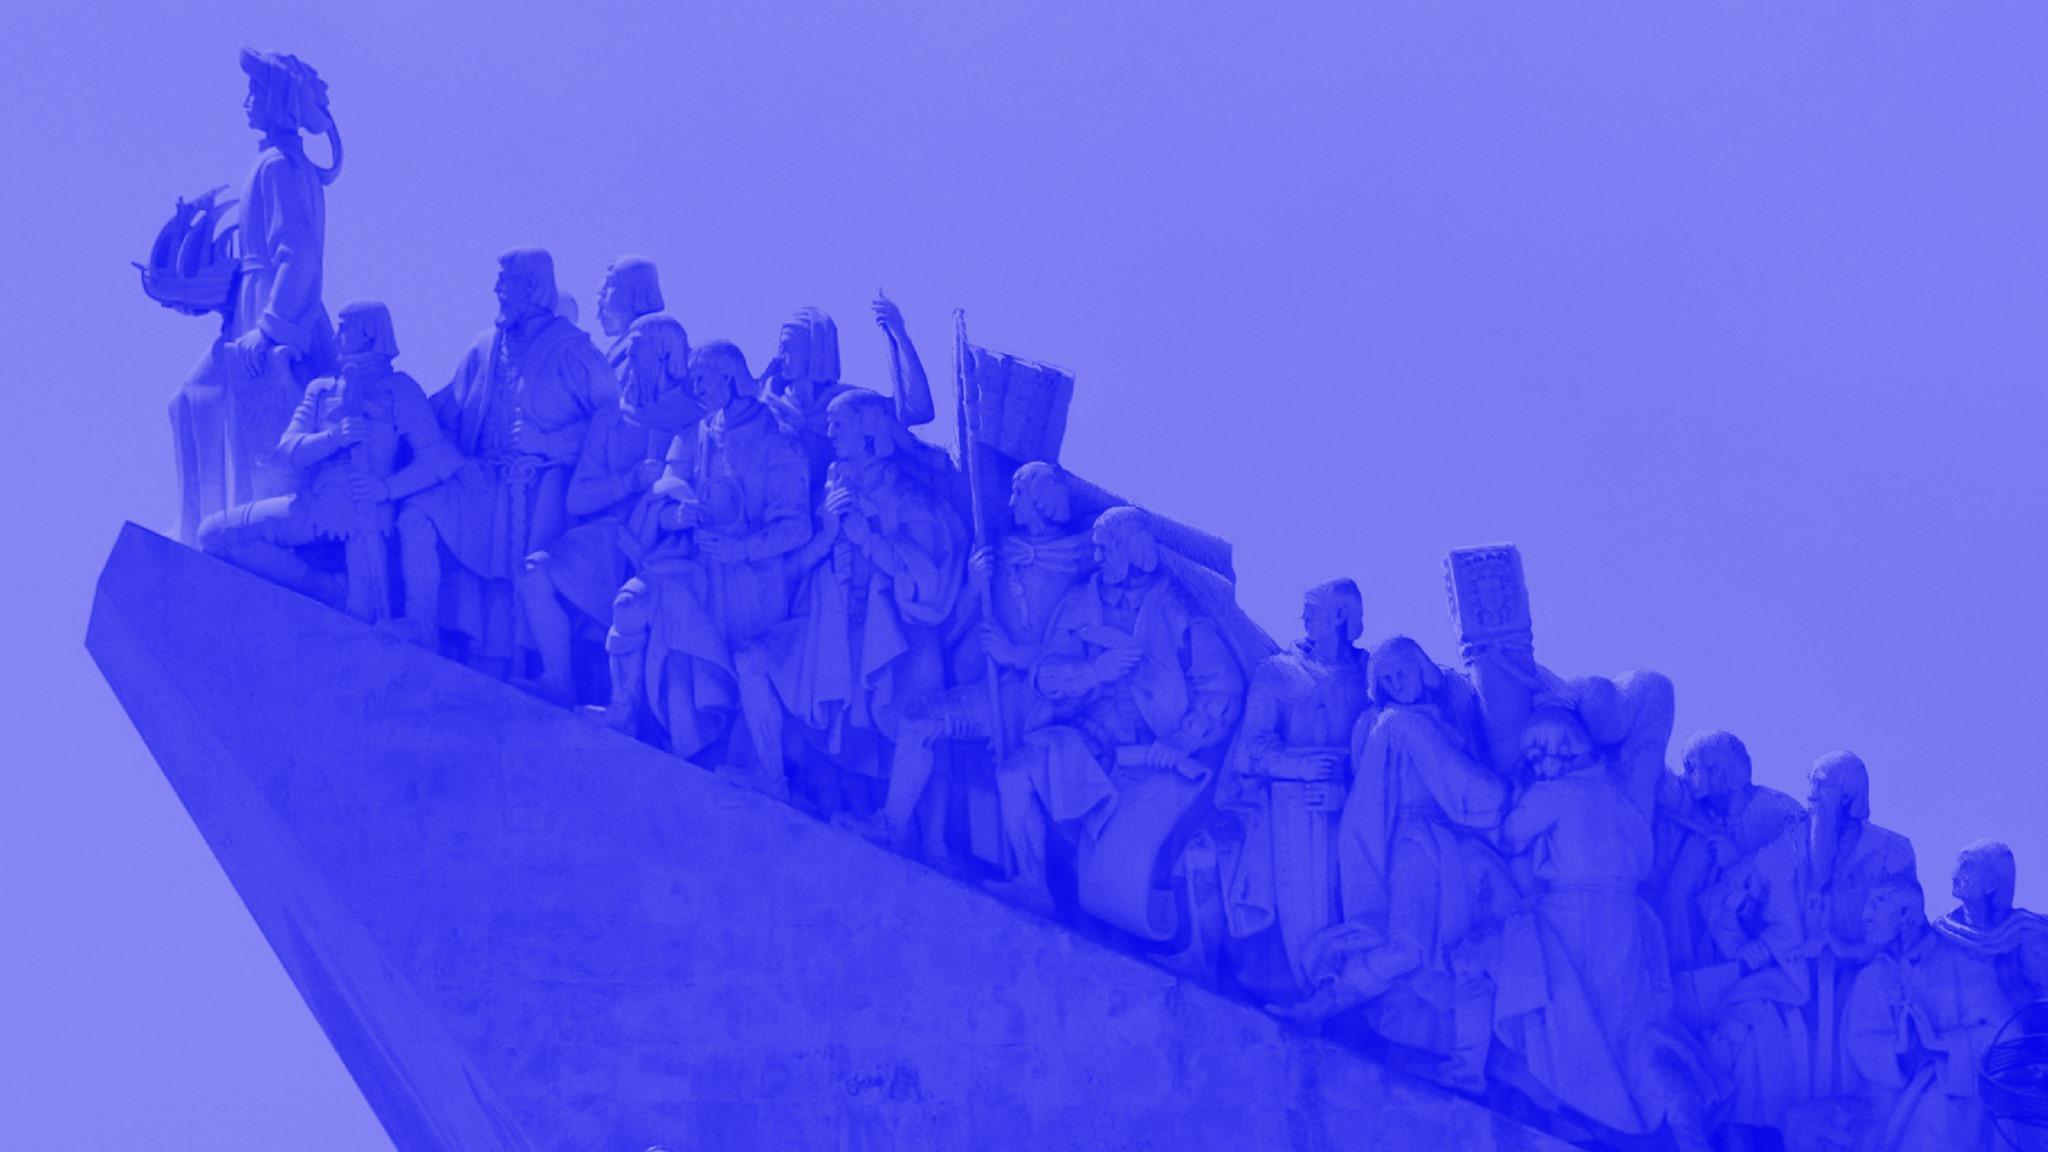 Ditas e Desditas da Estatuária Lisbonense, de Isabel Brison